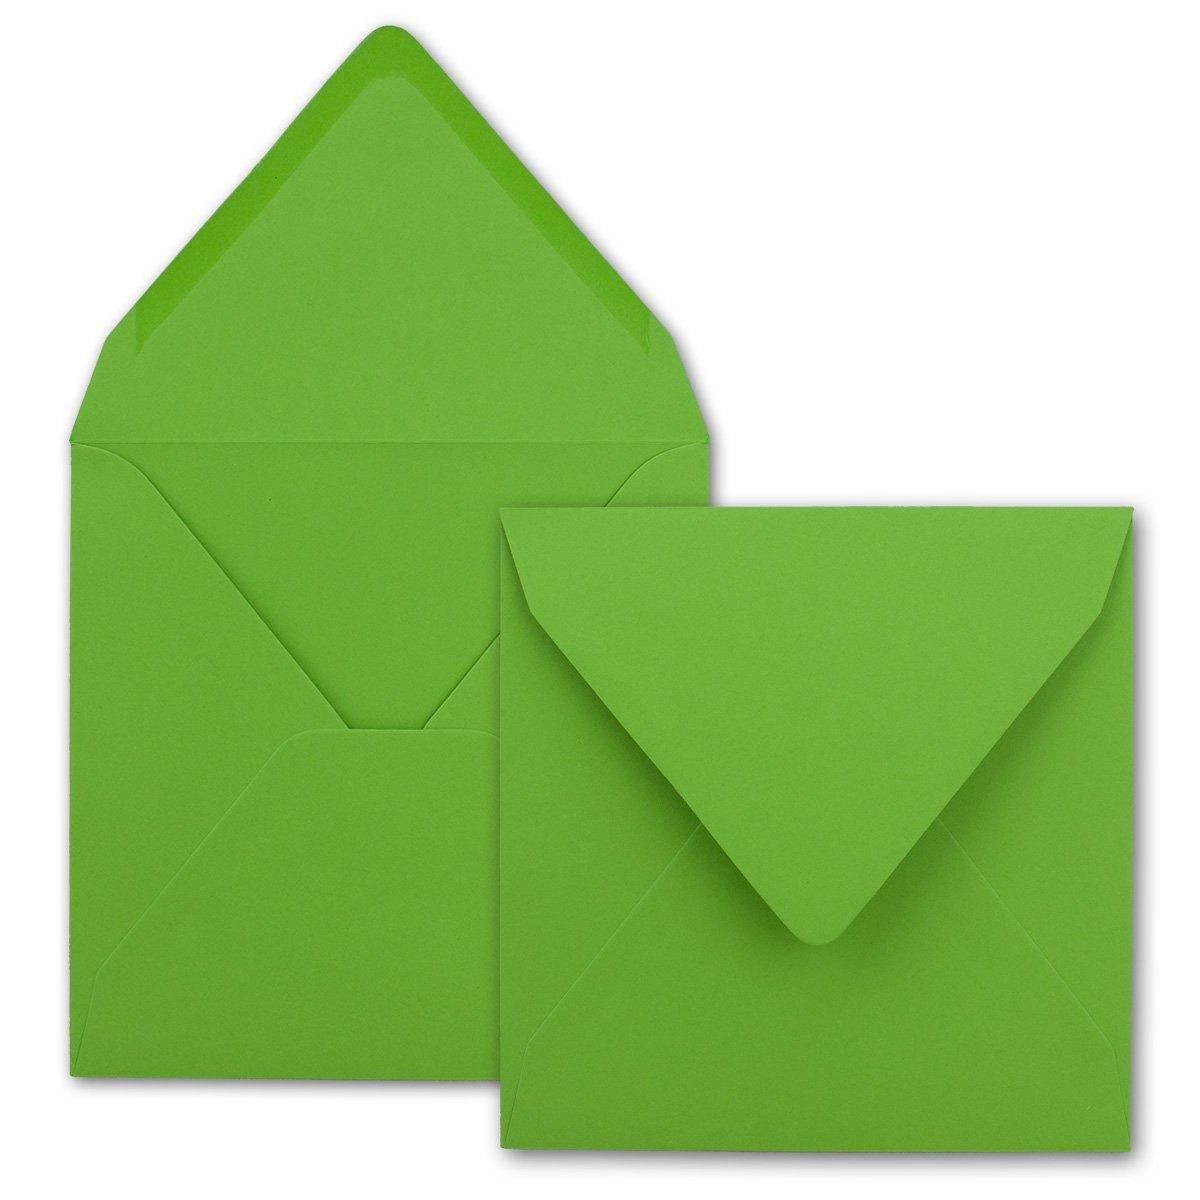 Quadratische Brief-Umschläge - Farbe Hochweiss   150 150 150 Stück   155 x 155 mm   Nassklebung   Für Einladungen & Hochzeit    Serie FarbenFroh® B01FFJL1D0 | Deutschland Online Shop  000c02